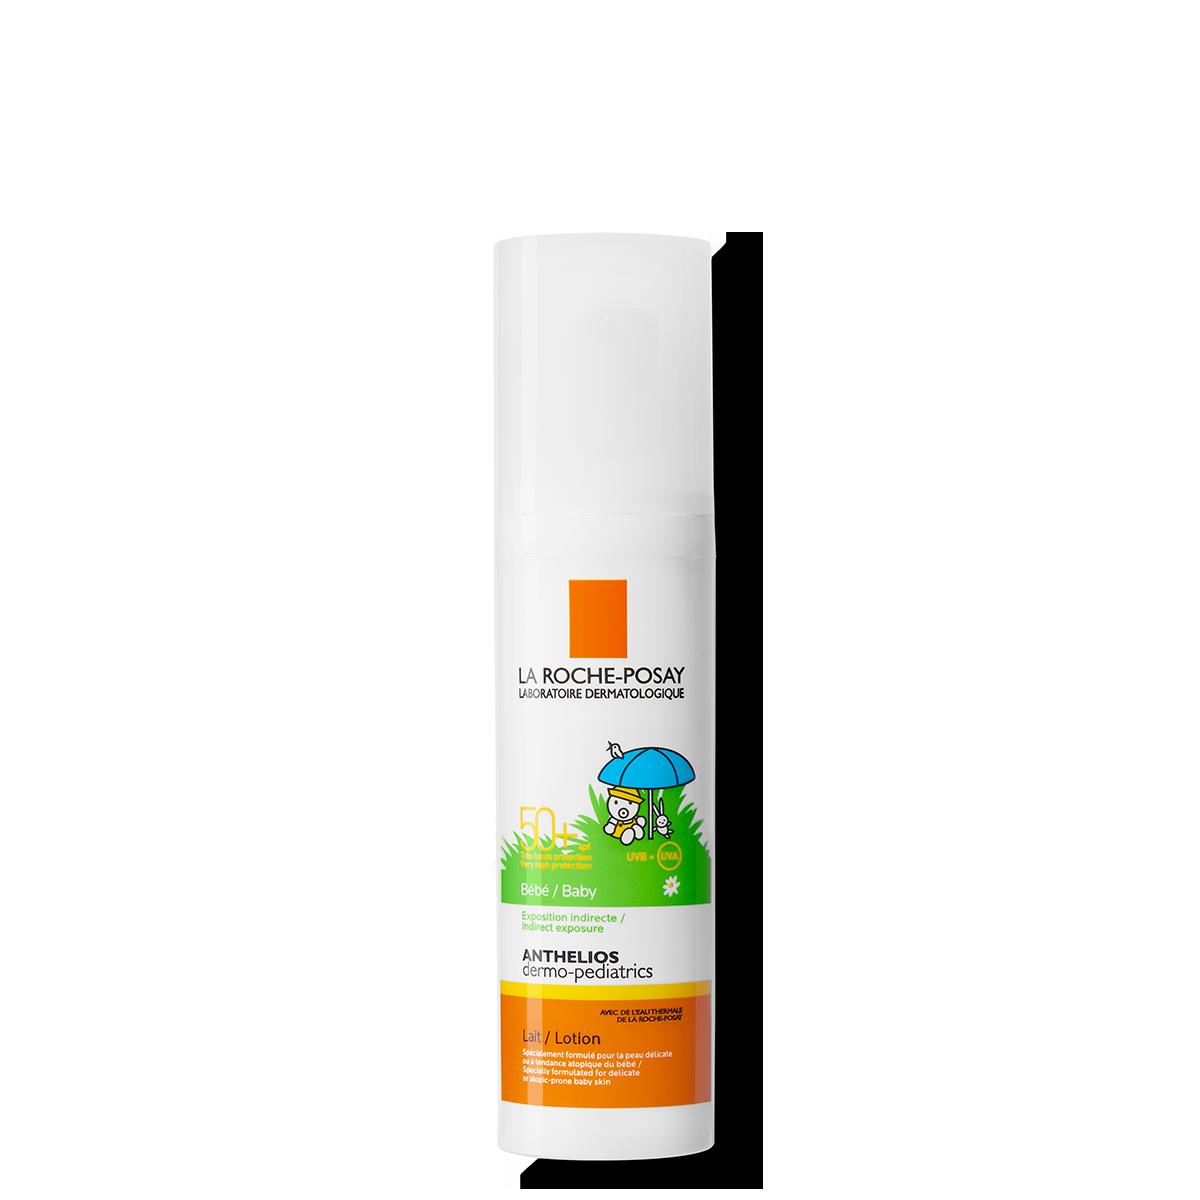 ANTHELIOS DERMO-PEDIATRICS NIEWIDOCZNY SPRAY SPF 50+ 50 ml przód | La Roche Posay